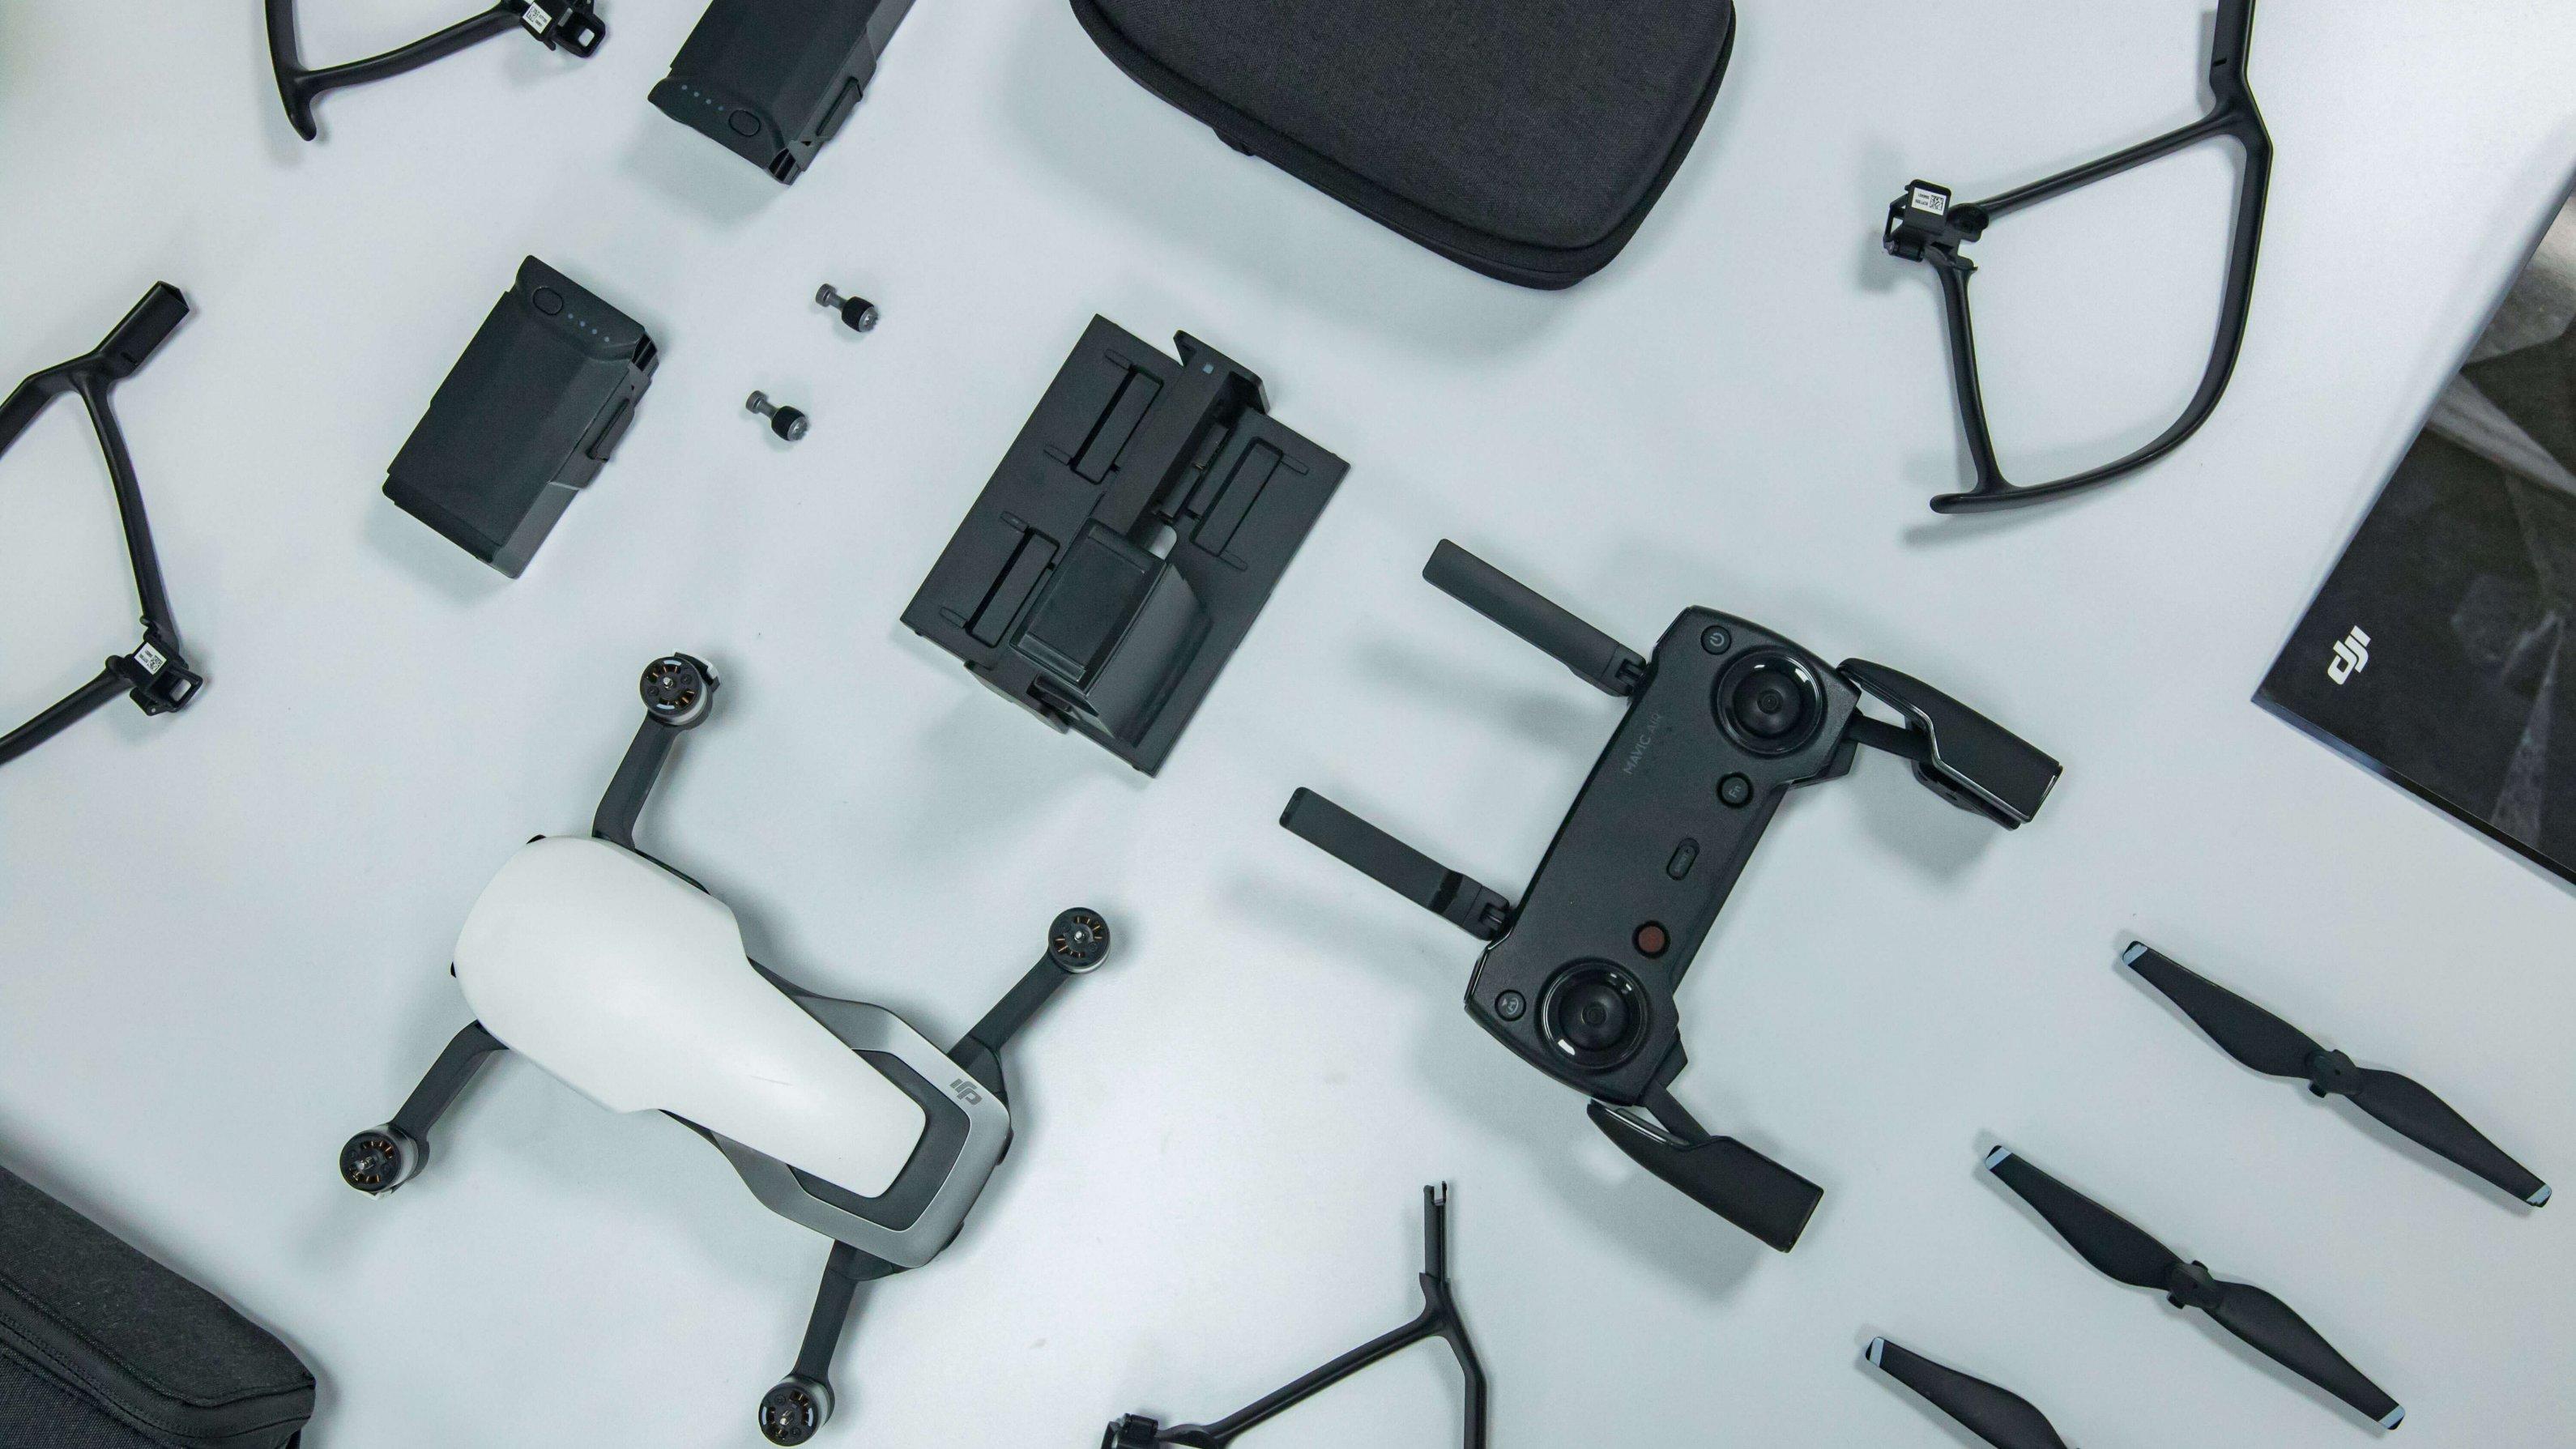 mavic air accessories